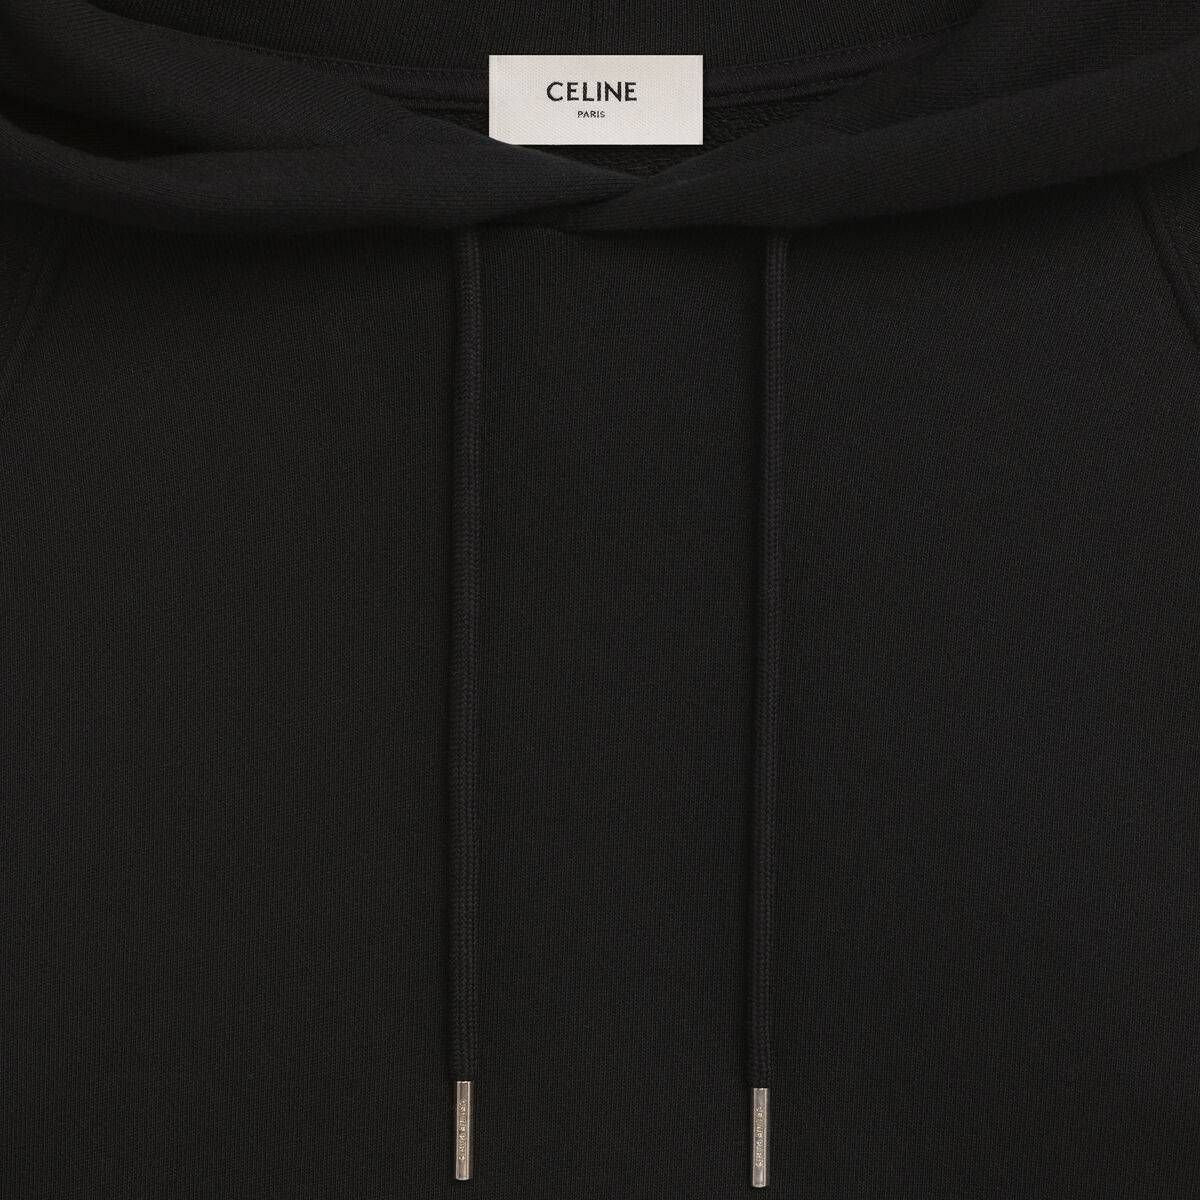 Celine Sweater In Cotton White Black Celine Sweatshirt Shirt Sweaters Sweatshirts Women [ 1200 x 1200 Pixel ]